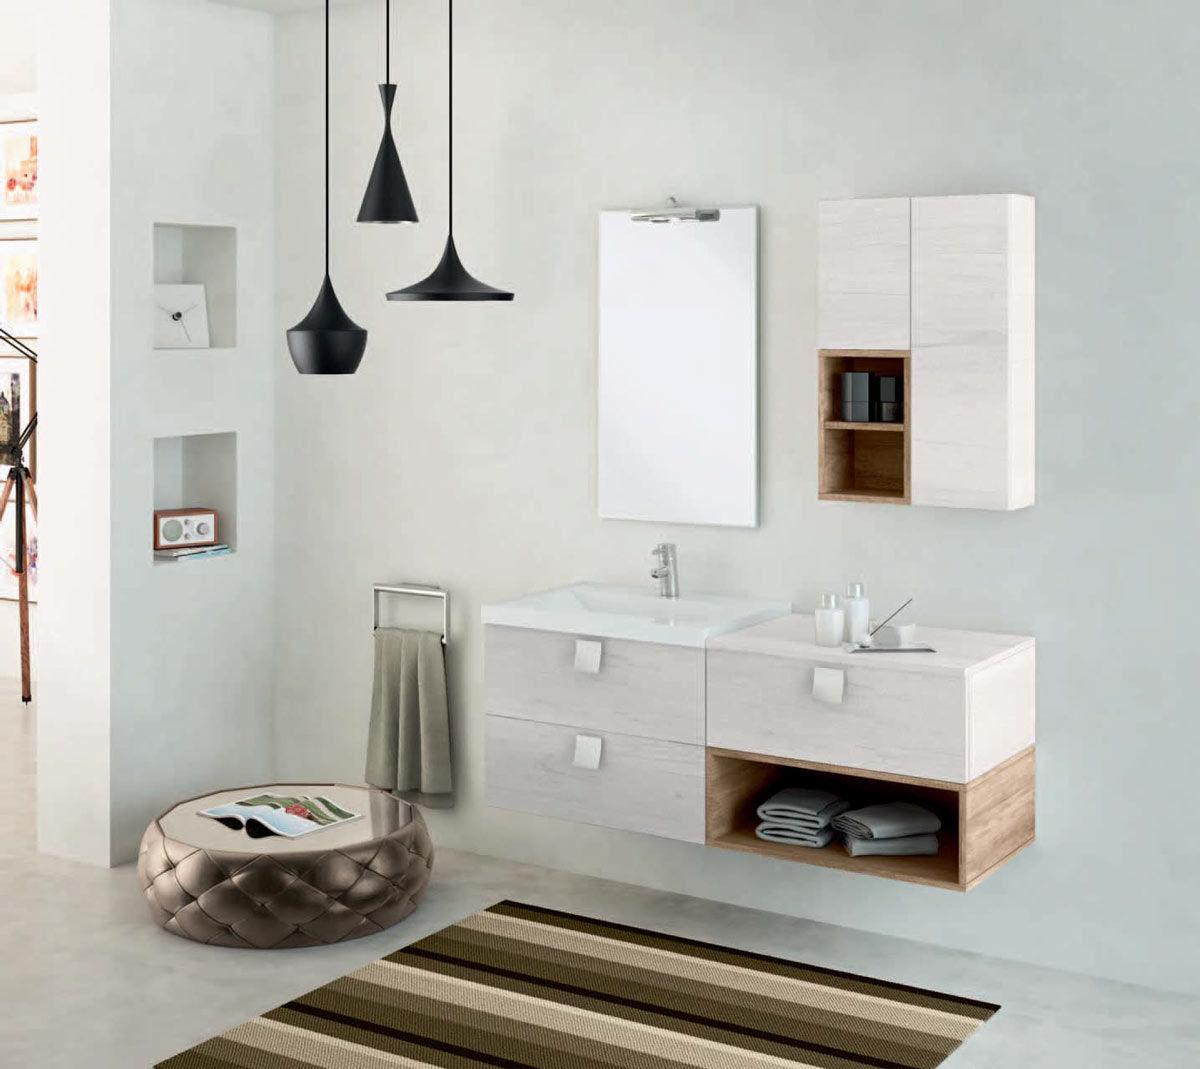 Bagno in muratura moderno perfect immagine bagno moderno con mosaico nero piccola vasca in - Bagno in muratura moderno ...